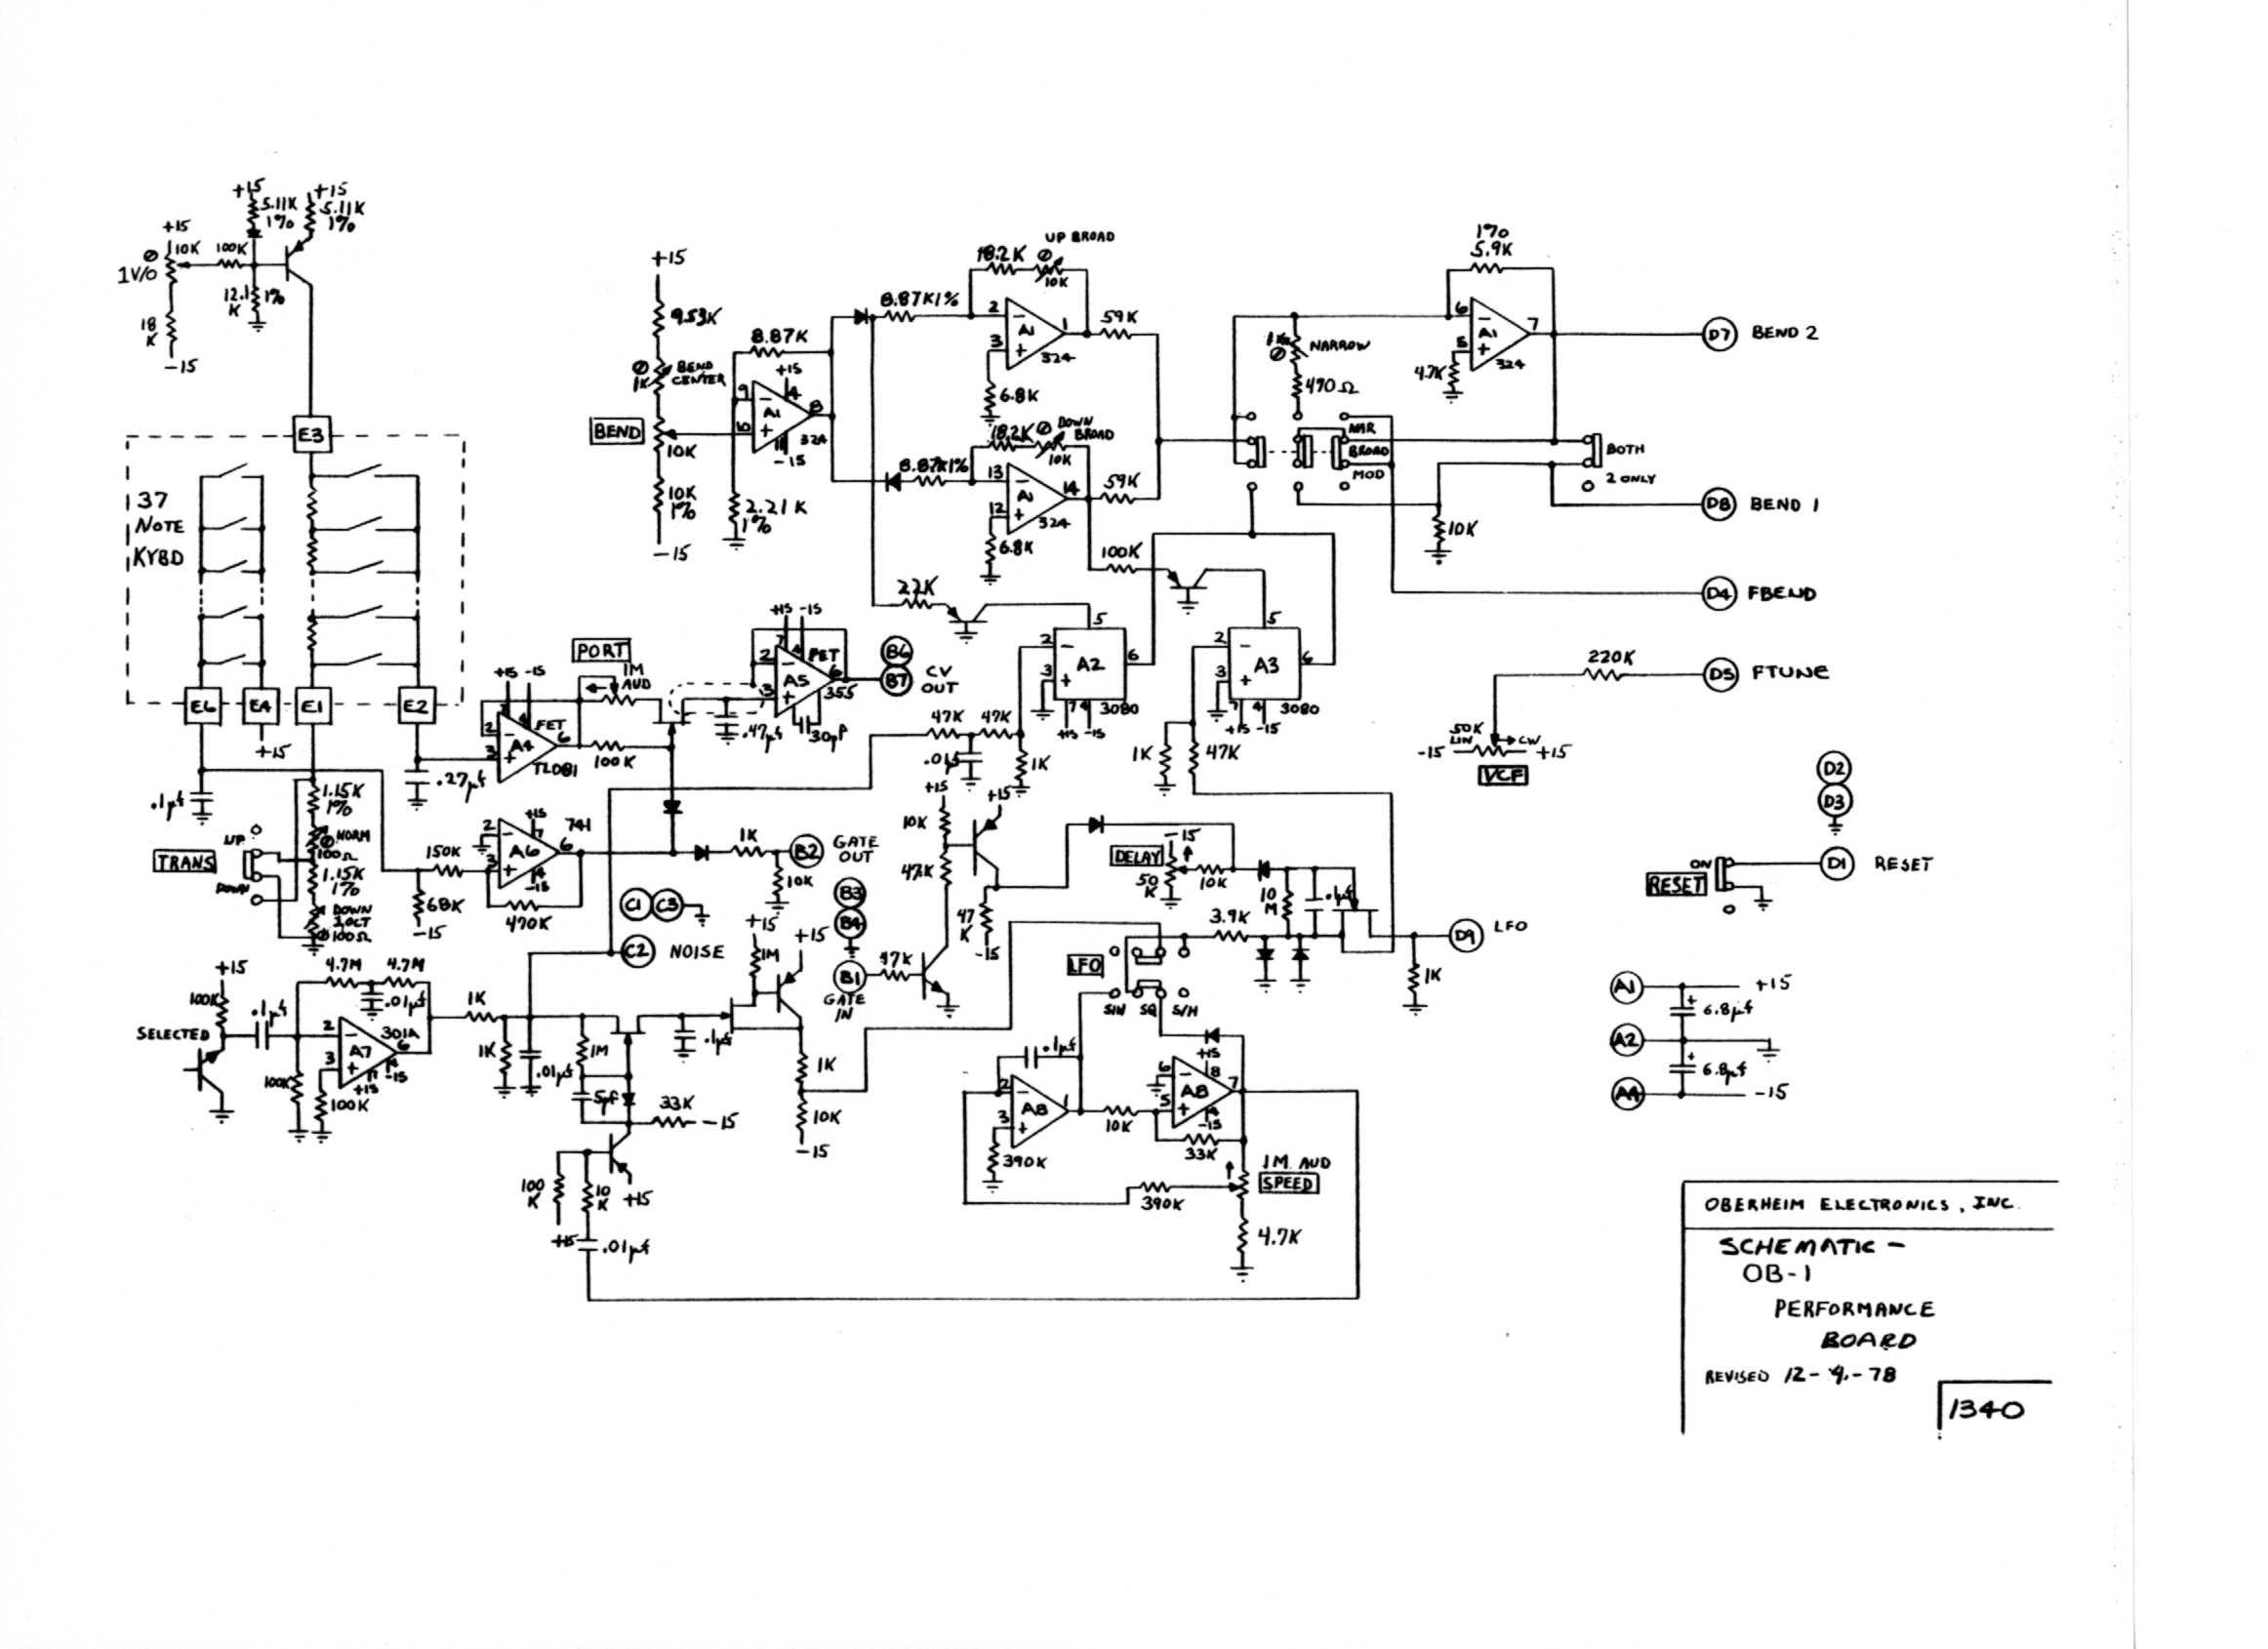 Miscellaneous Oberheim Files Midi Cable Schematic Ob 1 Performance Board